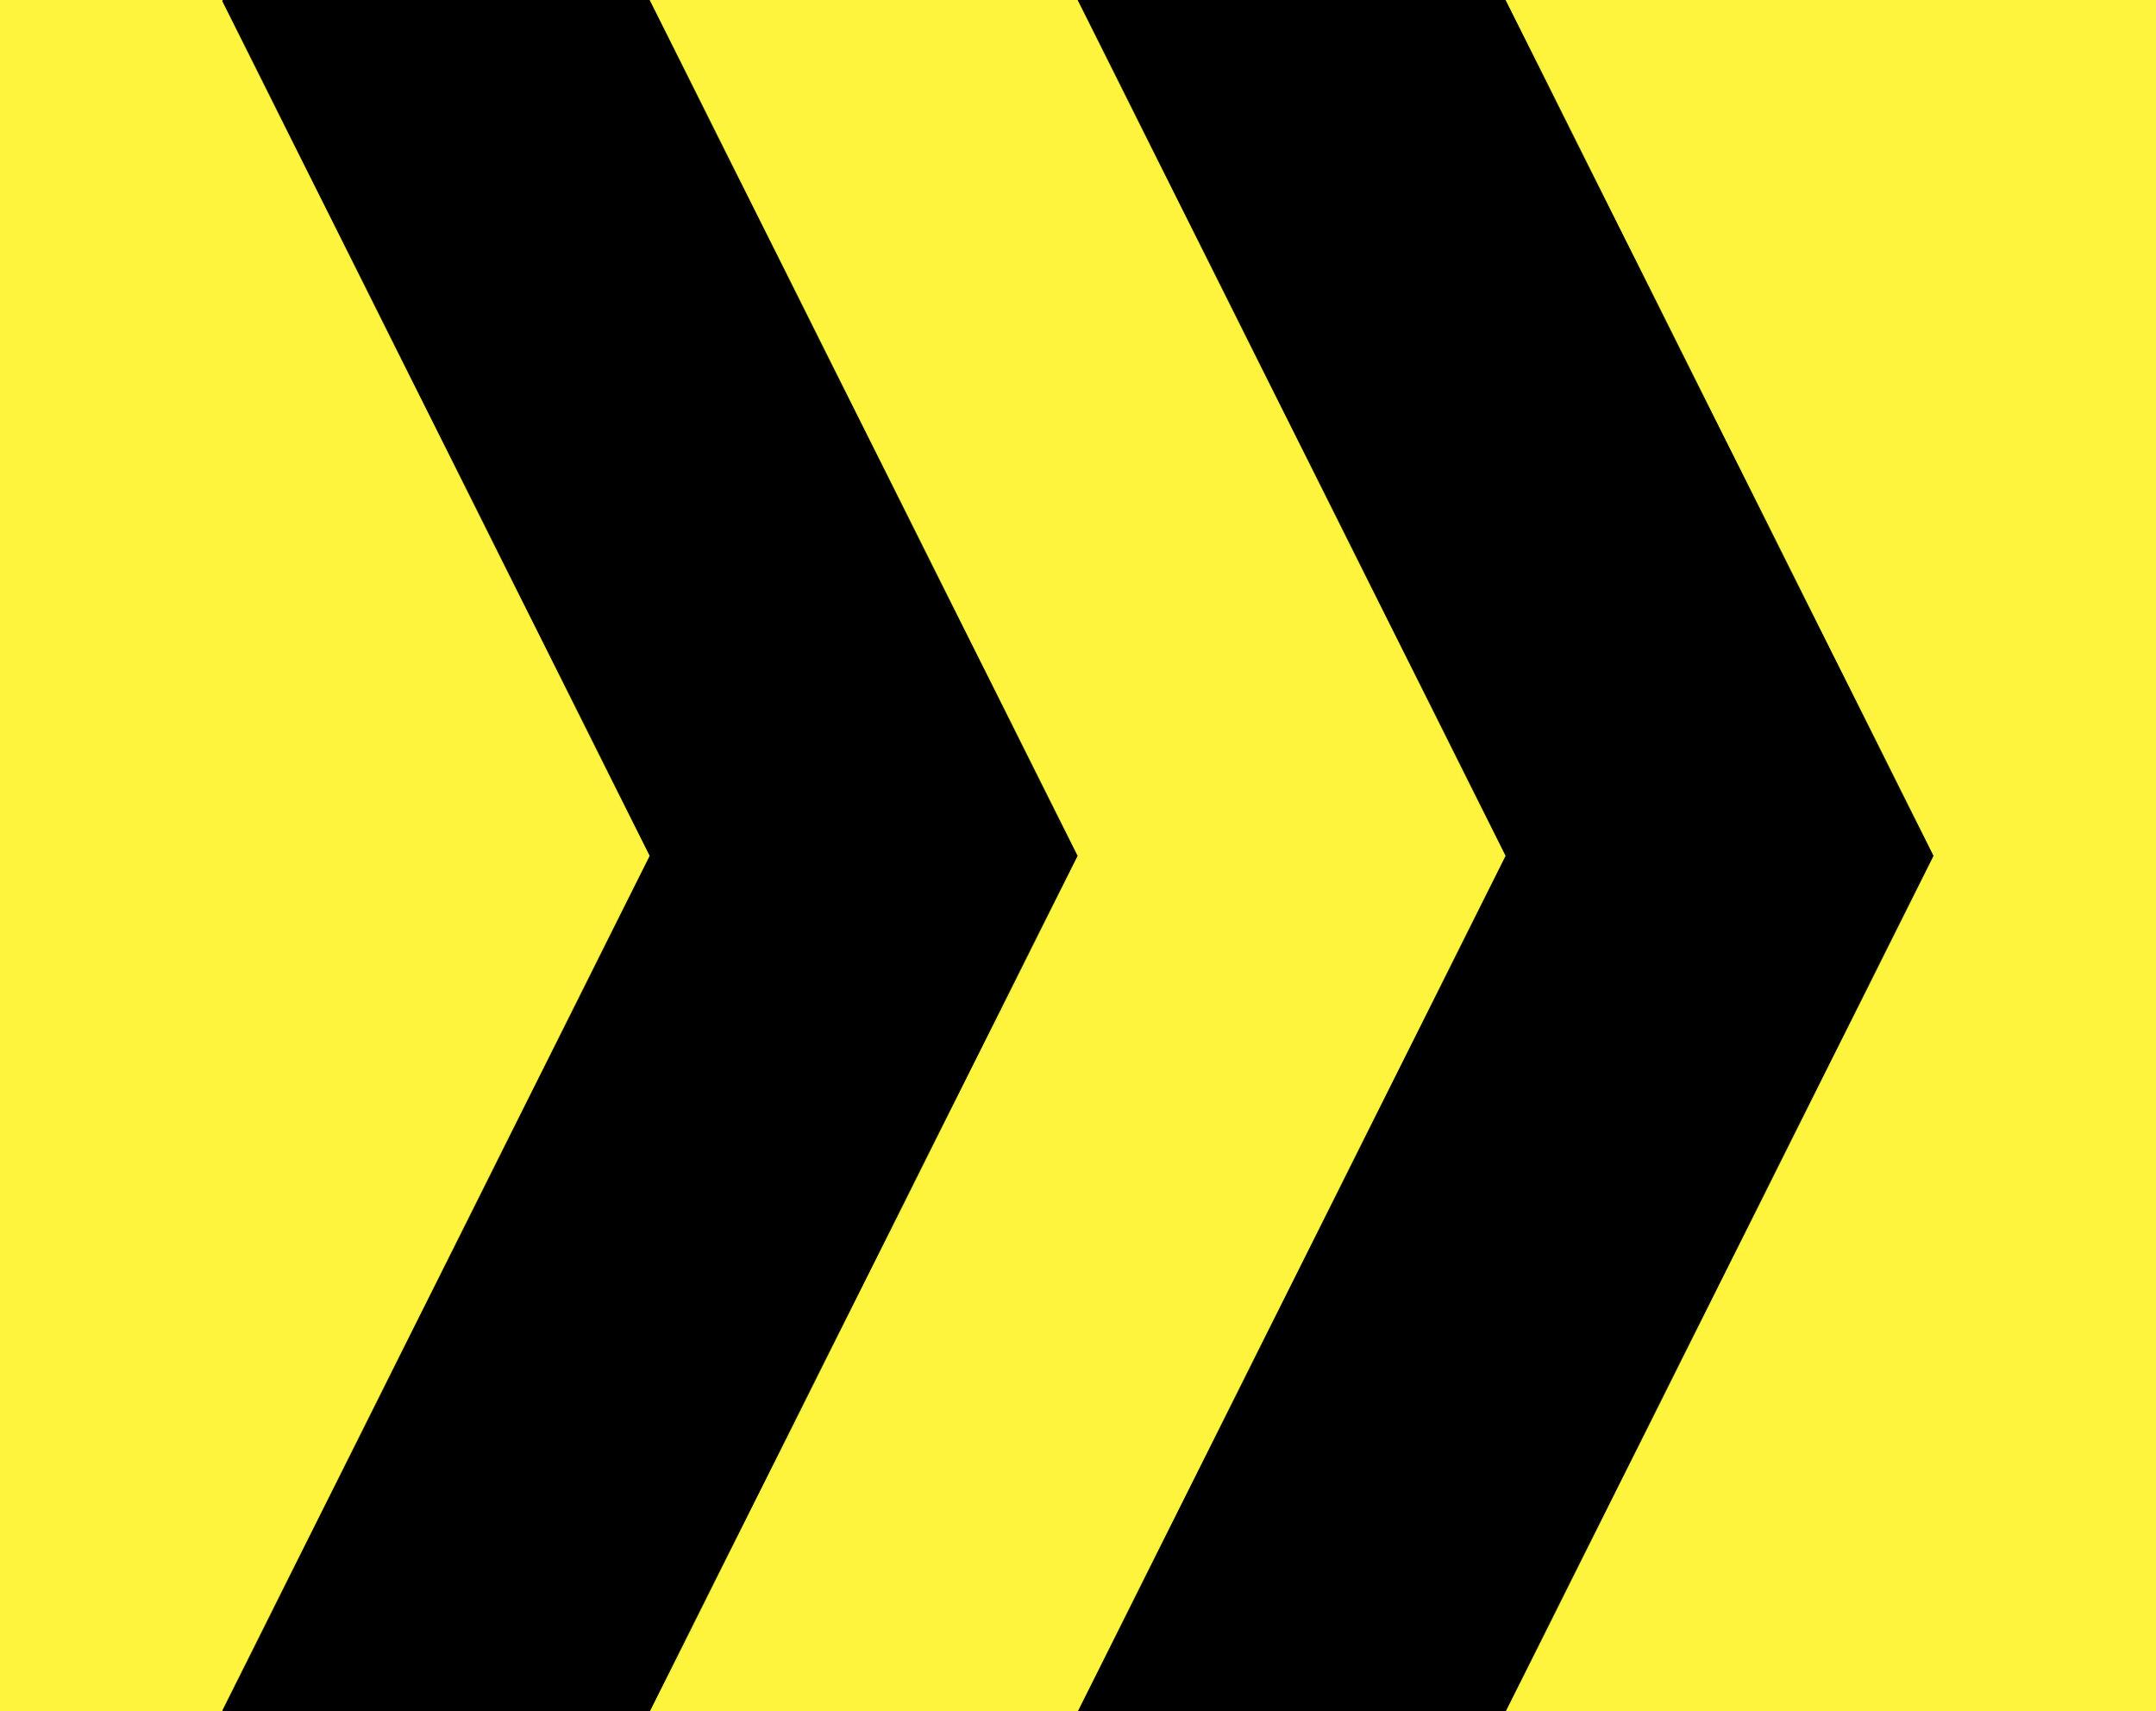 network_yellow.jpg